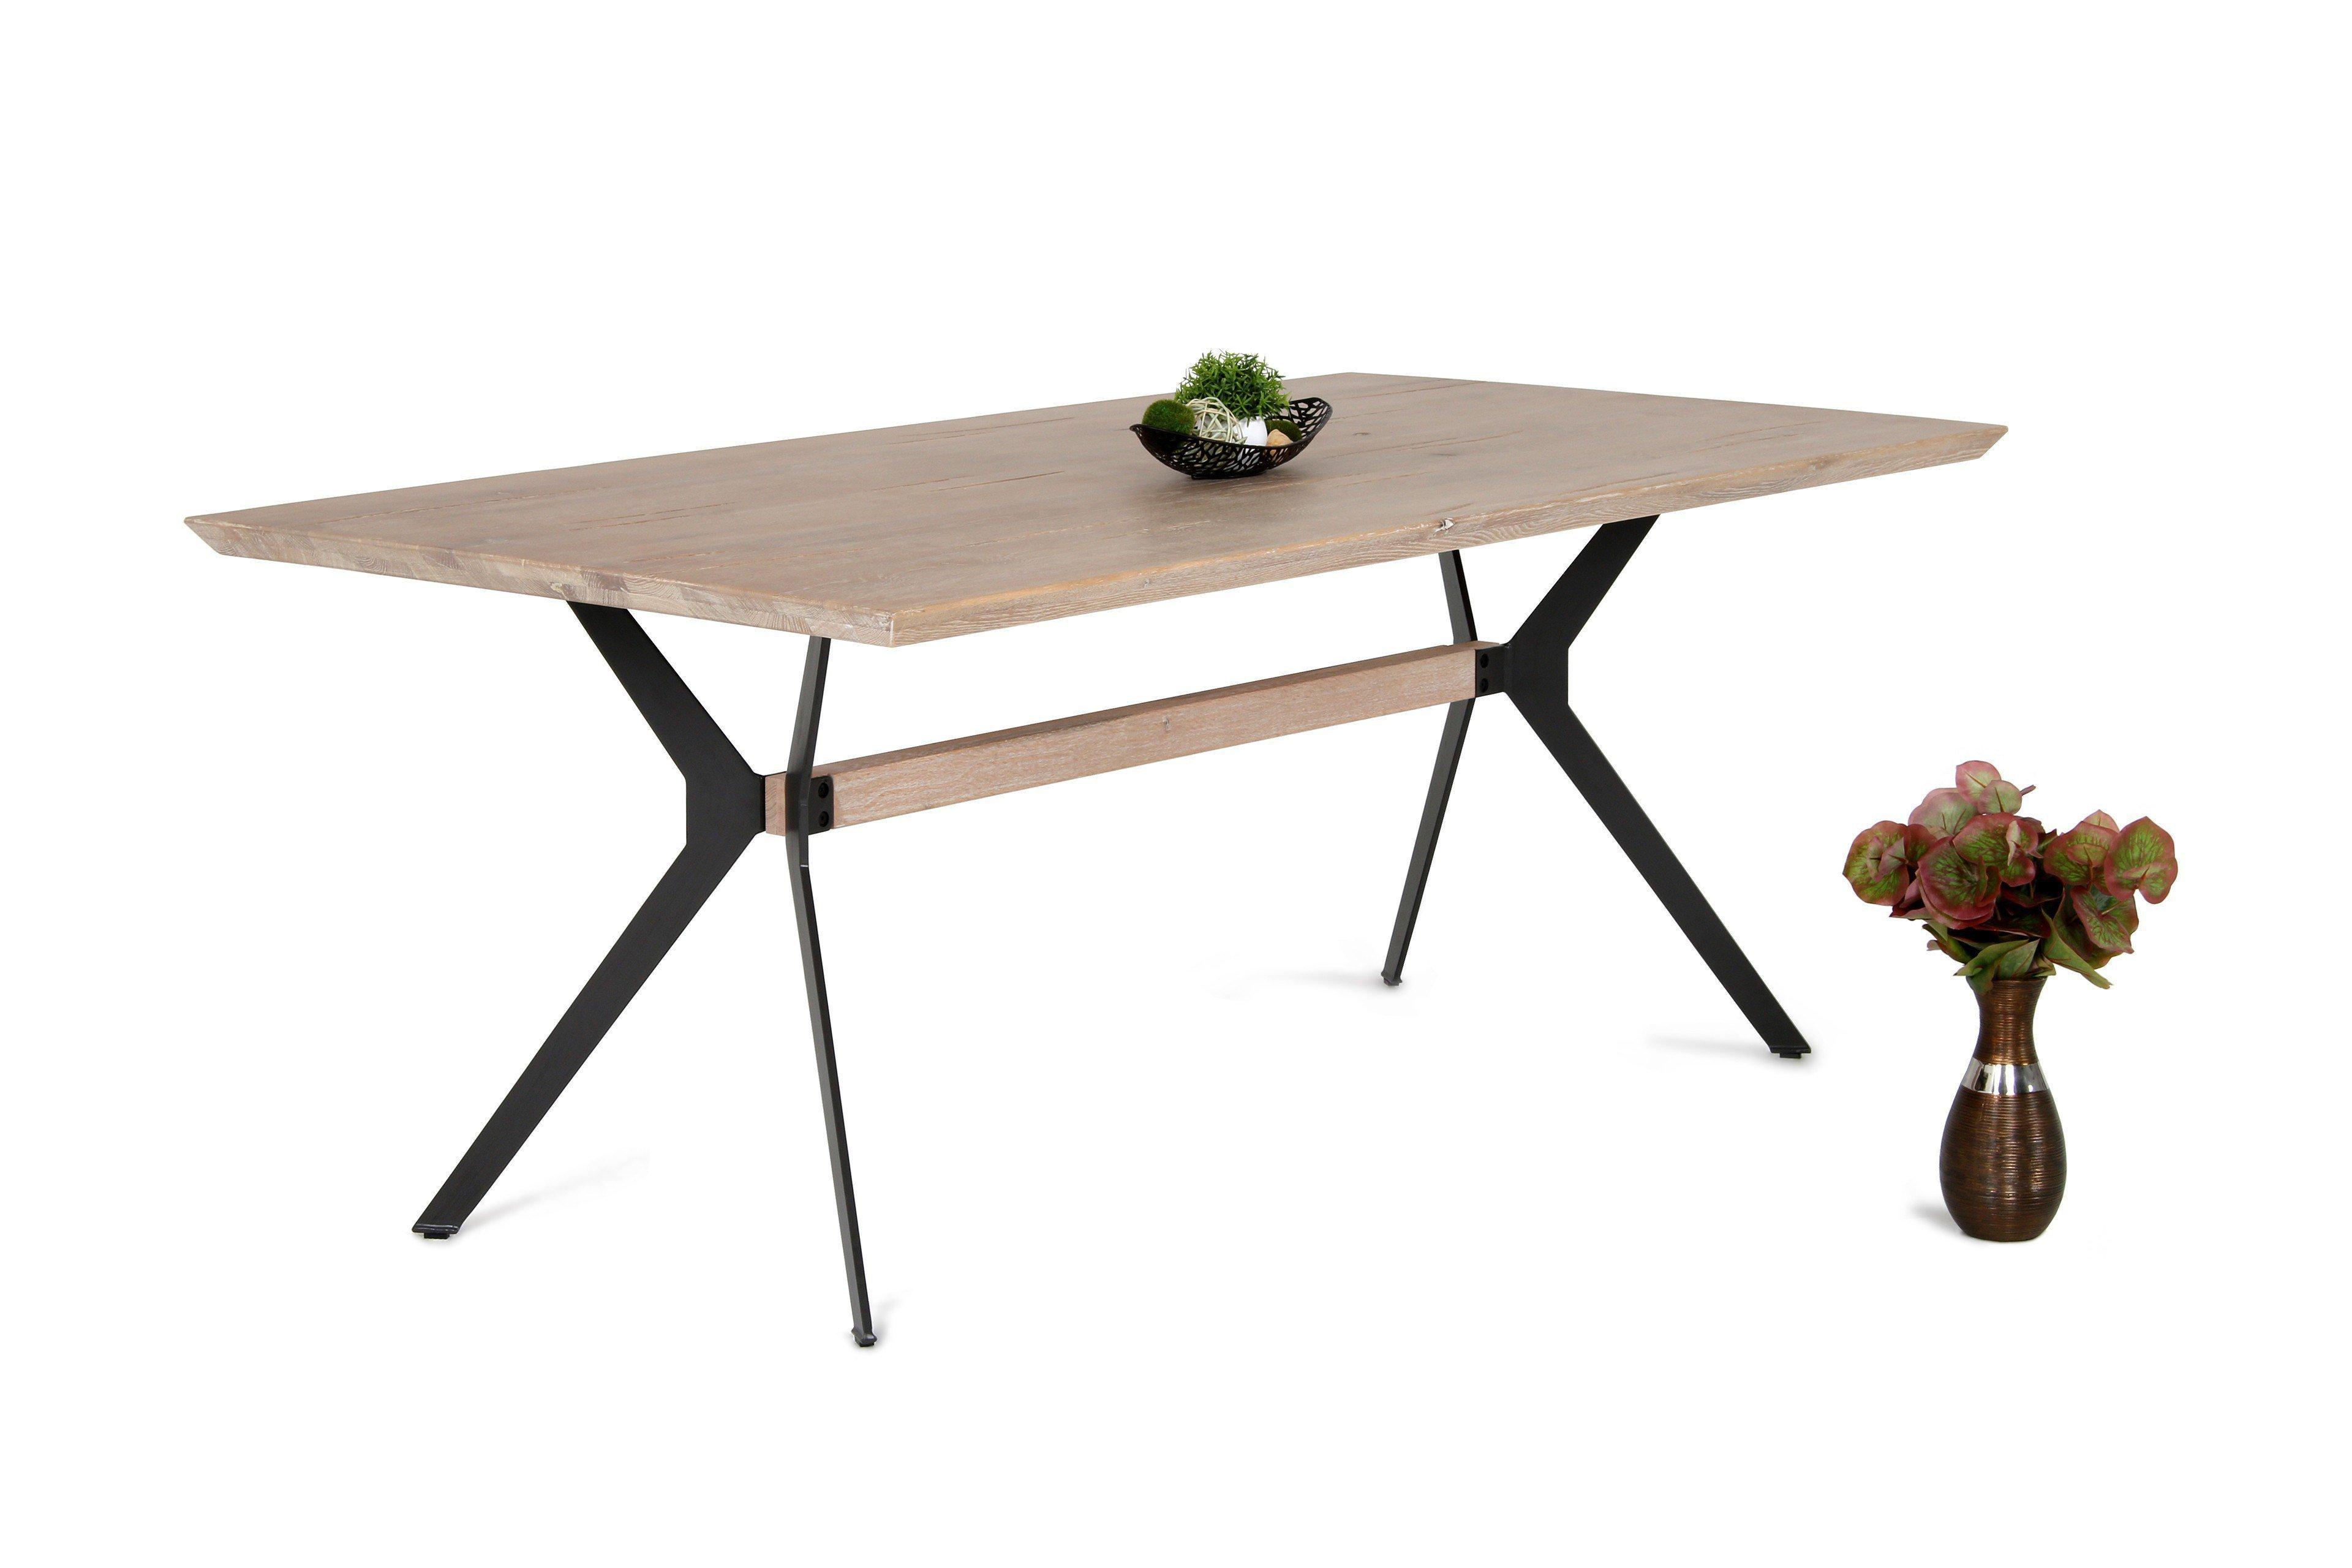 mca esstisch kito tamarra eiche gek lkt m bel letz ihr online shop. Black Bedroom Furniture Sets. Home Design Ideas